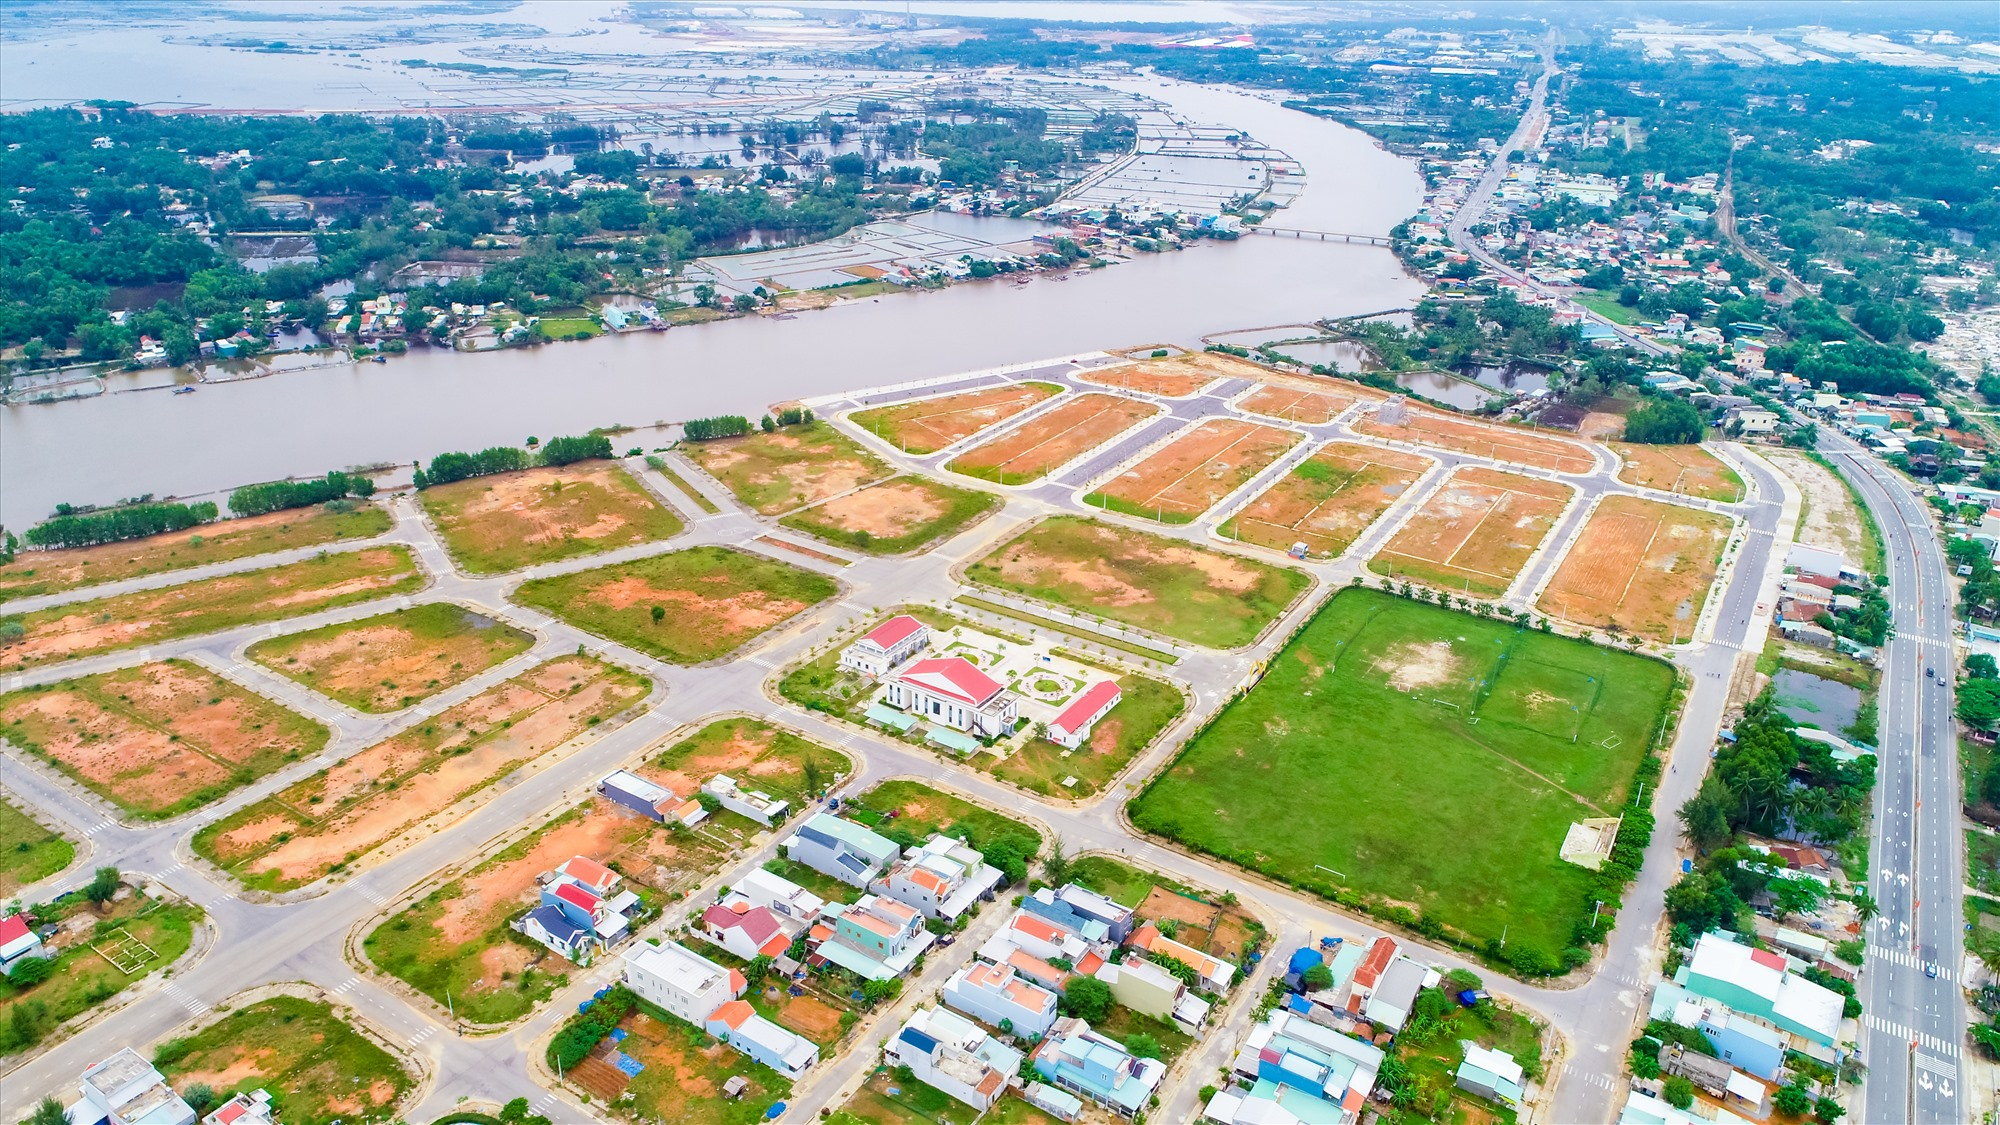 Hạ tầng hoàn thiện, pháp lý đầy đủ, dân cư đã đông đúc cùng các tiện ích trung tâm hành chính, sân vận động, phố đi bộ ven sông…là lợi thế nổi bật của Chu Lai Riverside.